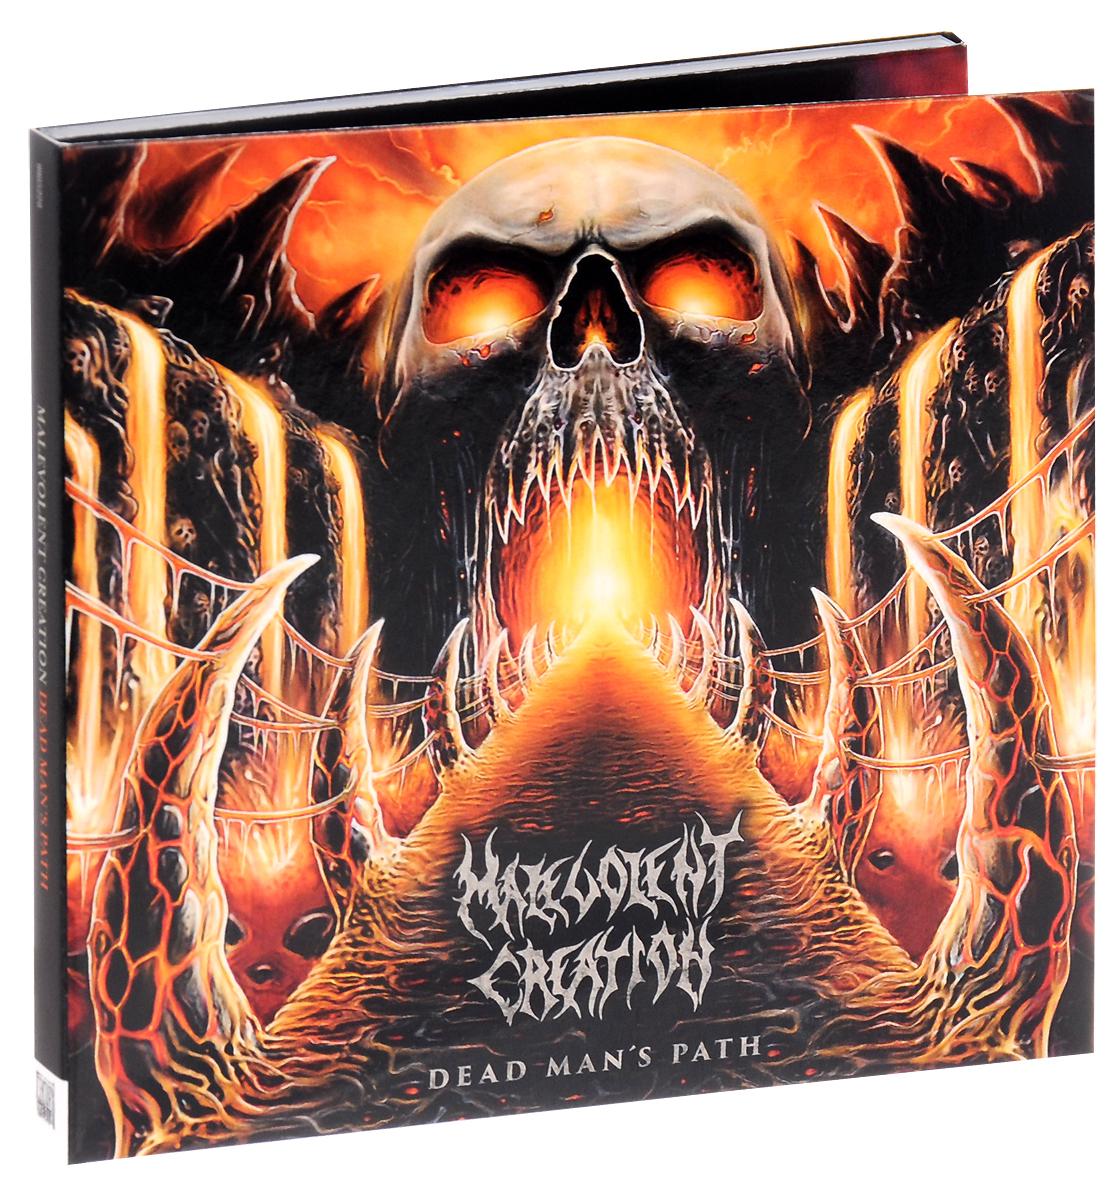 Издание содержит 16-страничный буклет с фотографиями, тексами песен и дополнительной информацией на английском языке. Издание дополняет нашивка с символикой группы.